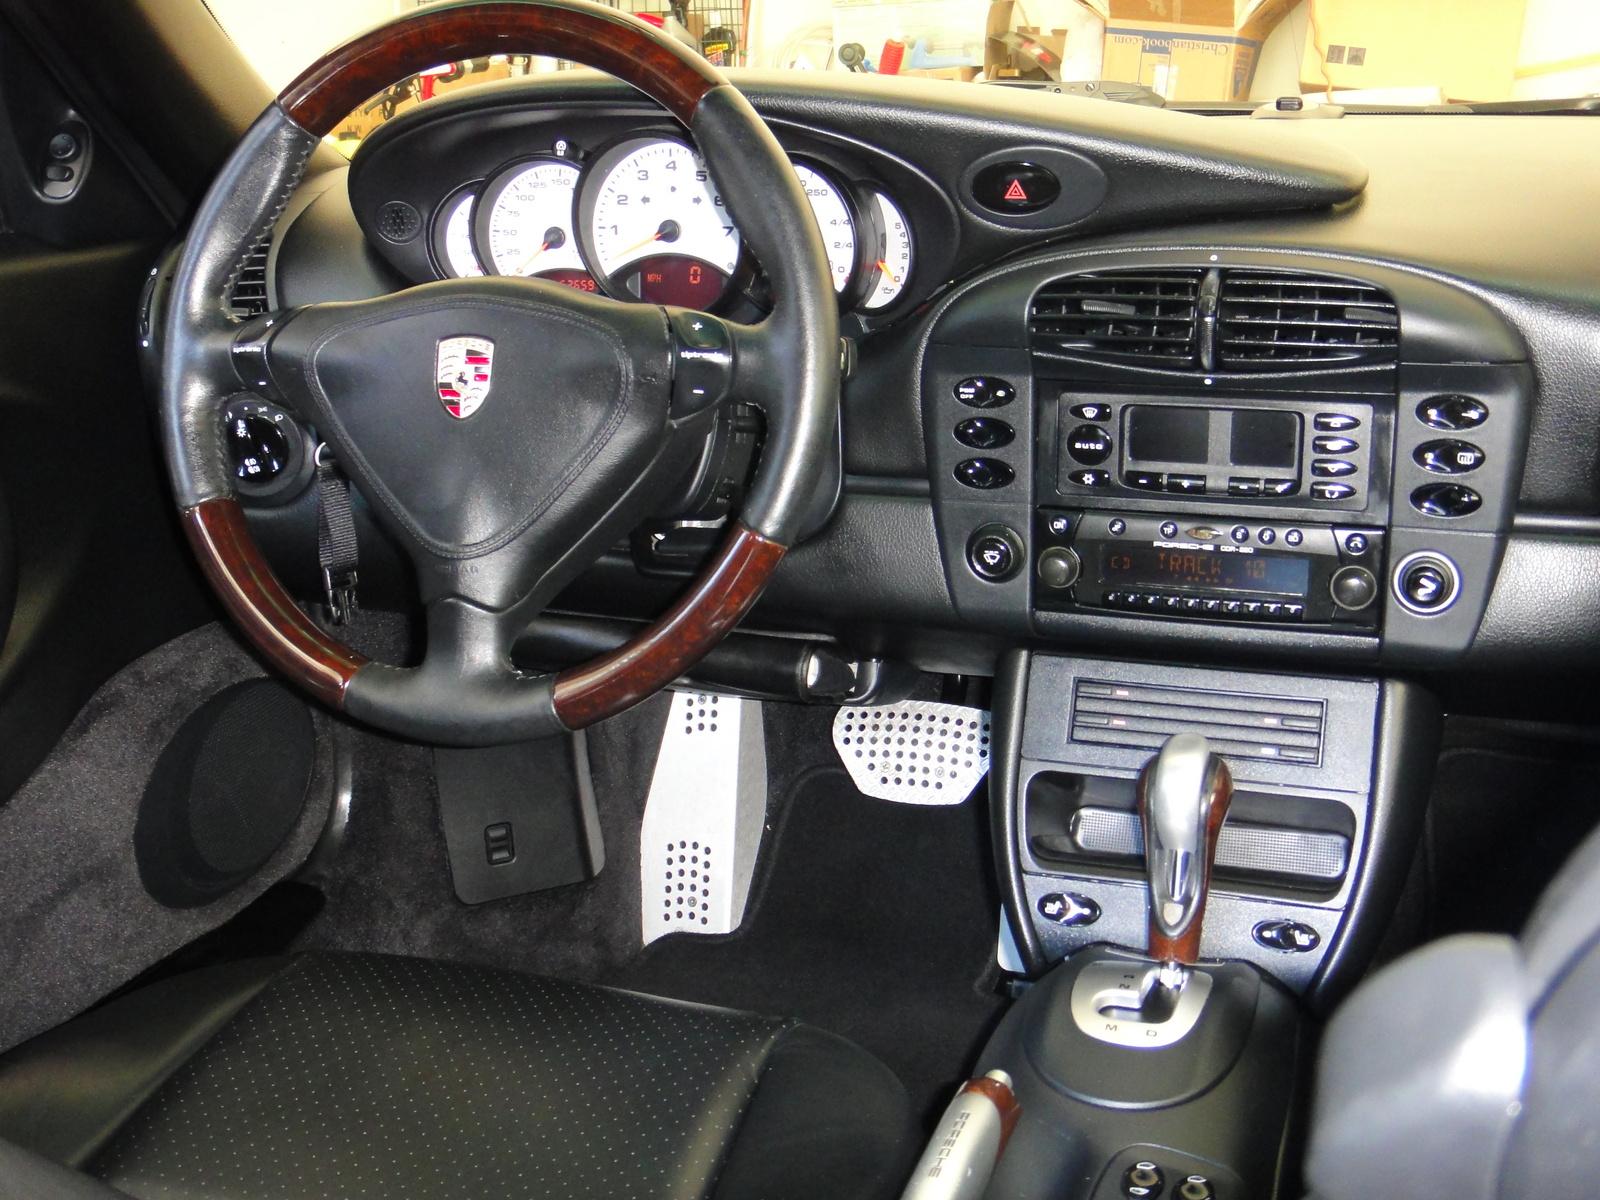 2000 porsche 911 interior pictures cargurus for Porsche 911 interieur